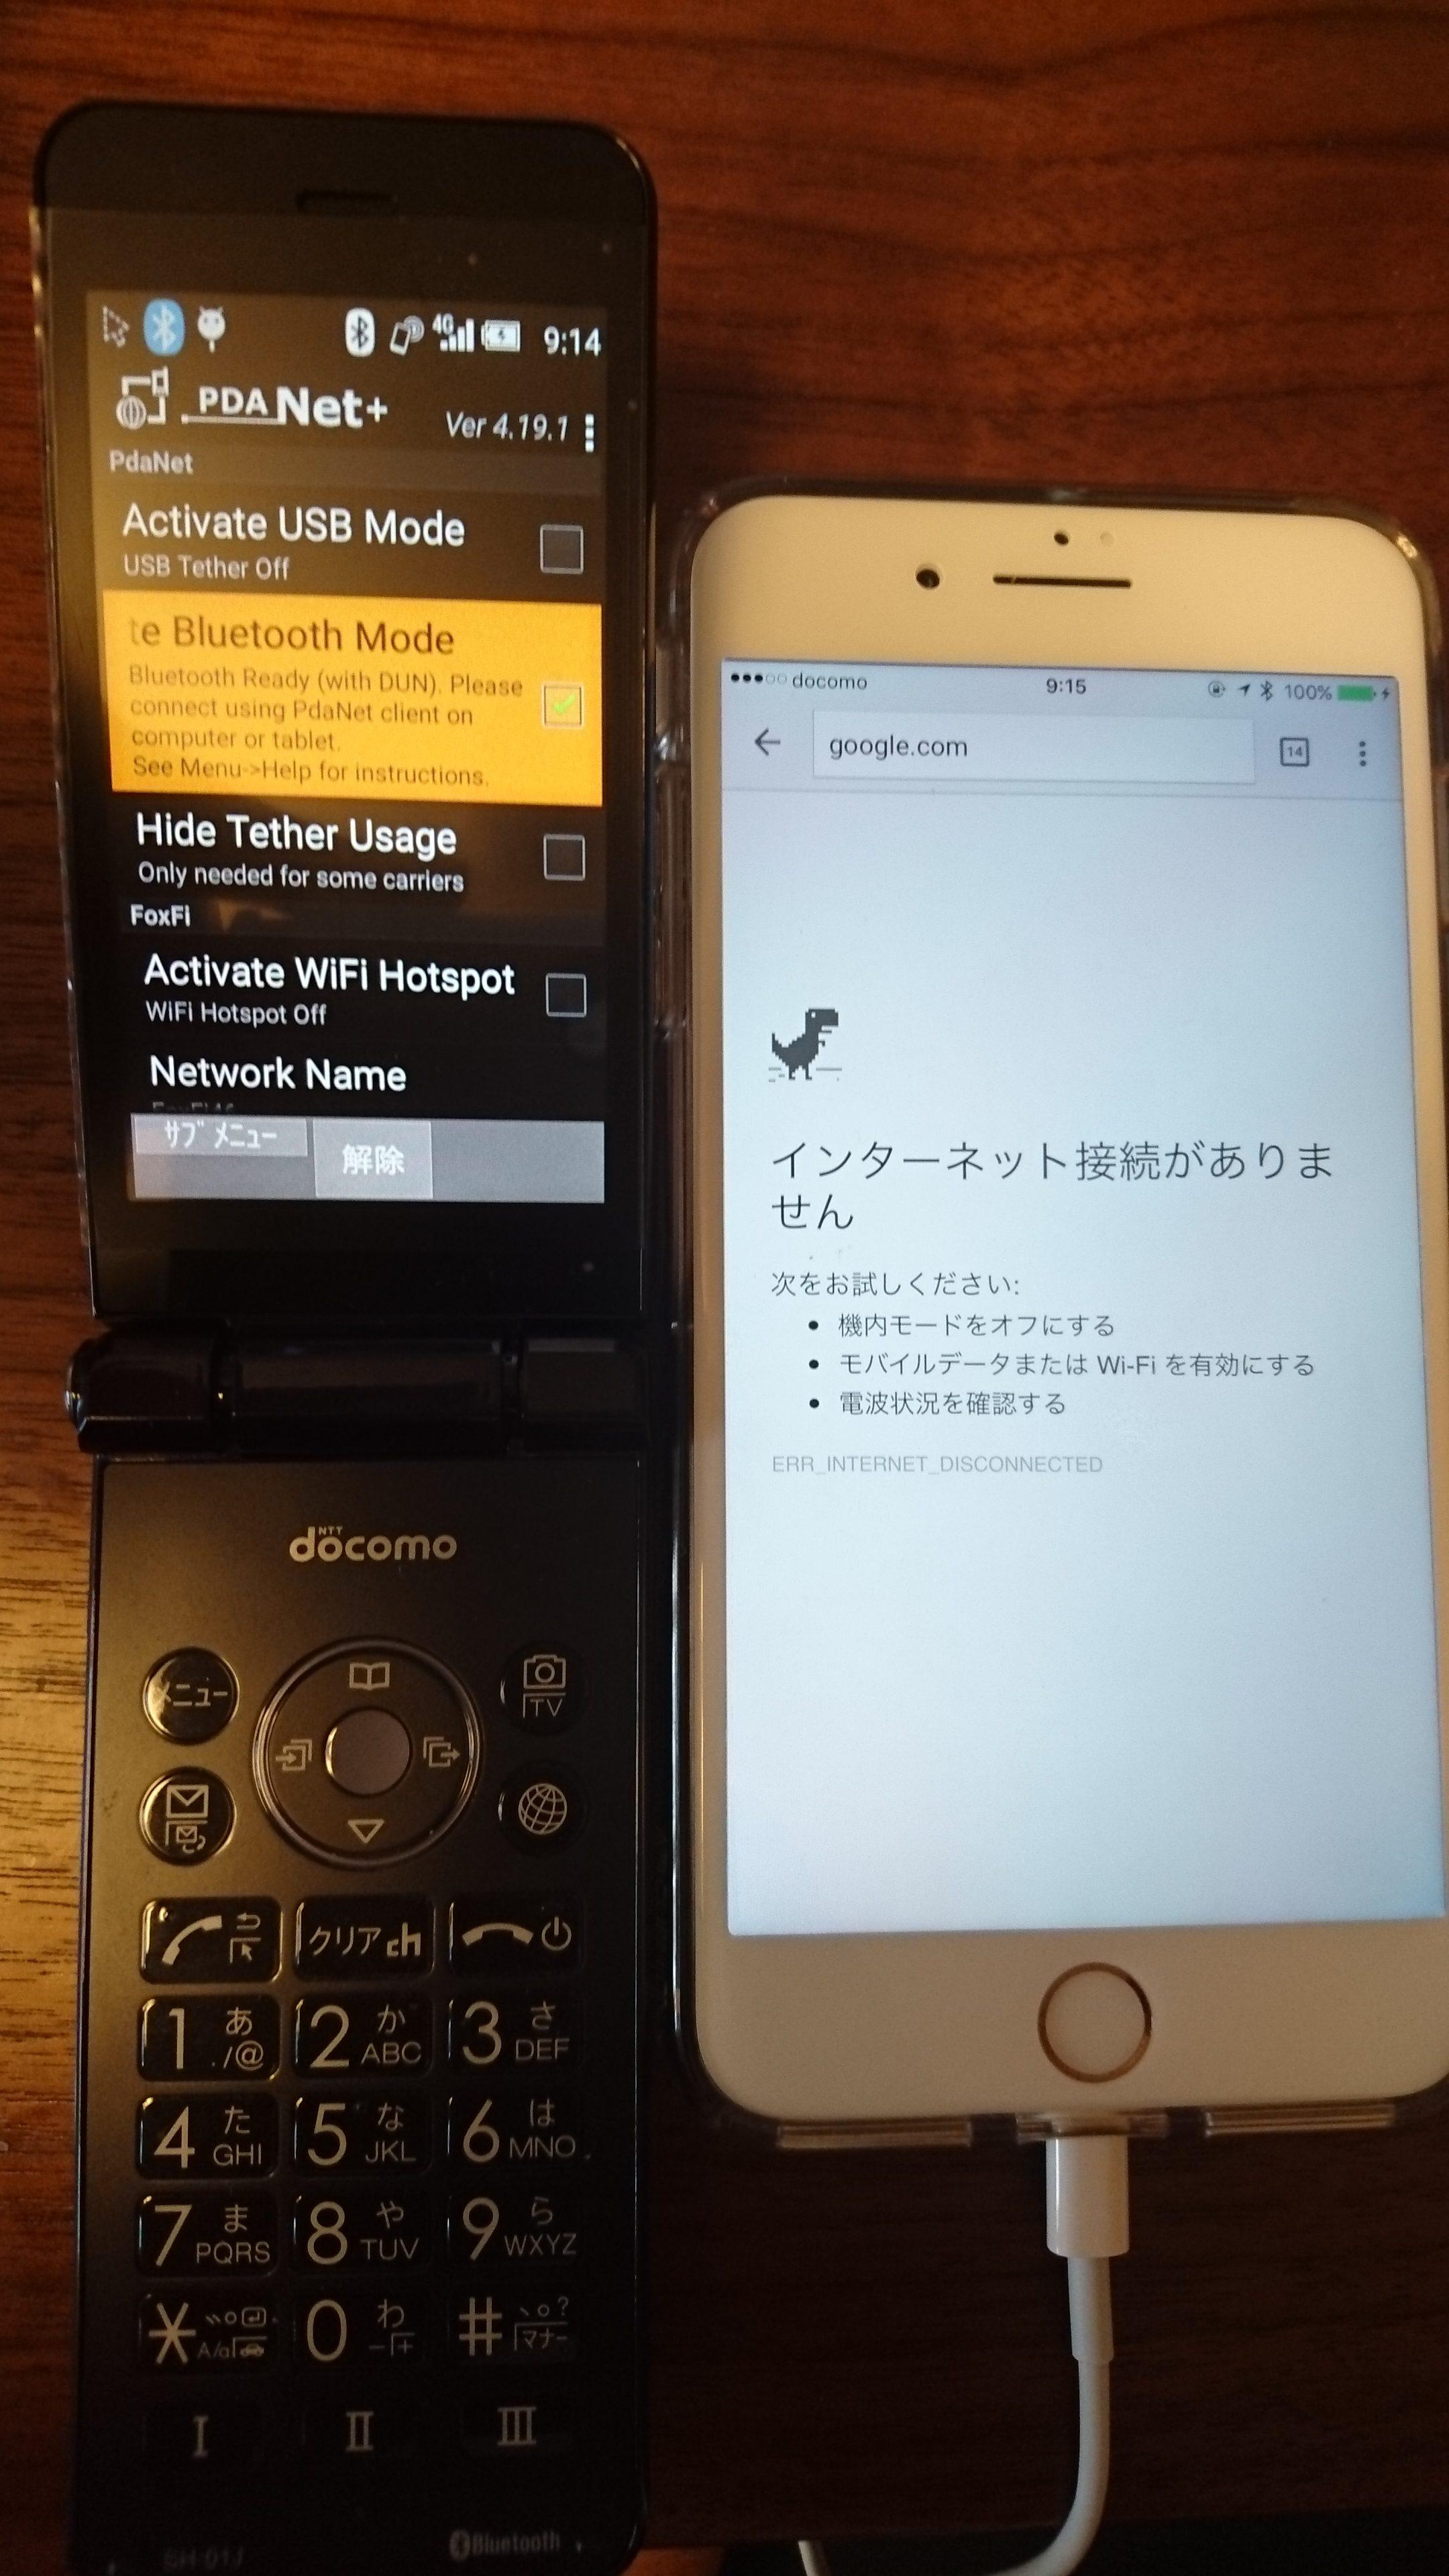 Android フィーチャーフォン SH-01Jで、テザリングを検証してみた(更新あり:ソフトウェアアップデートで利用できるようになりました)